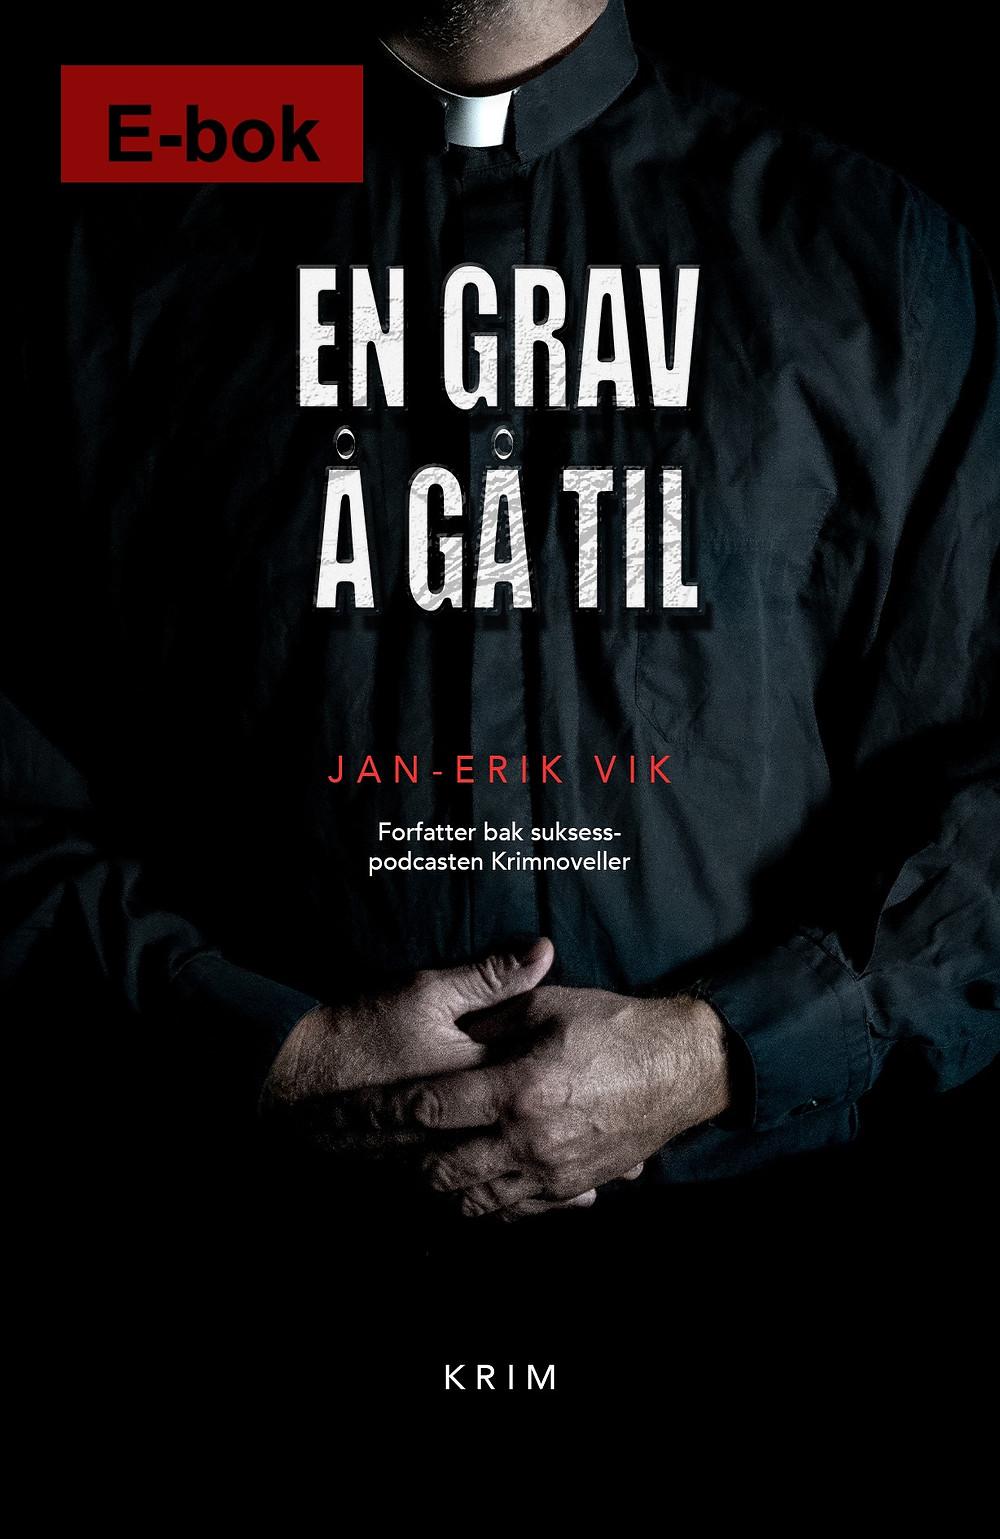 Bokomslag til krimromanen, En grav å gå til, skrevet av forfatter Jan-Erik Vik. Kan kjøpes som E-bok format